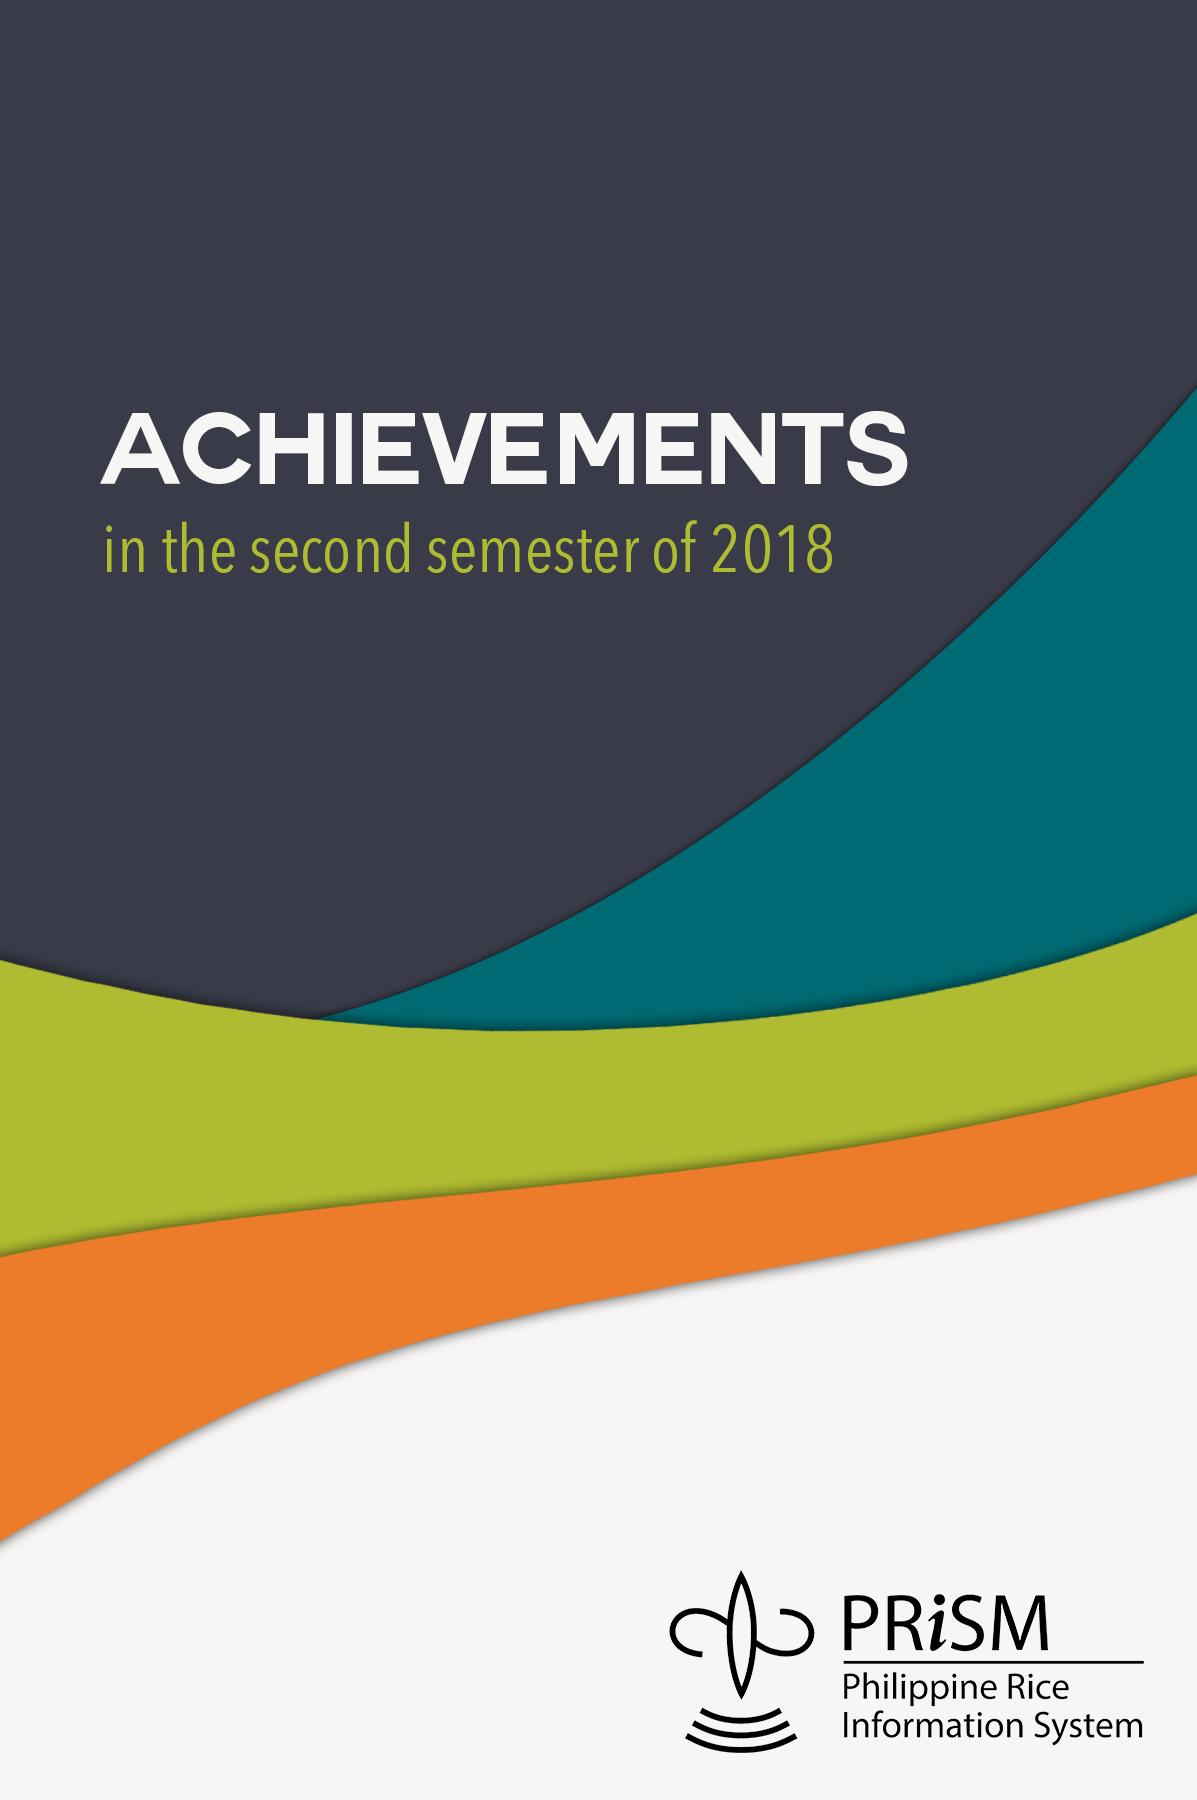 2018 - 2nd Semester